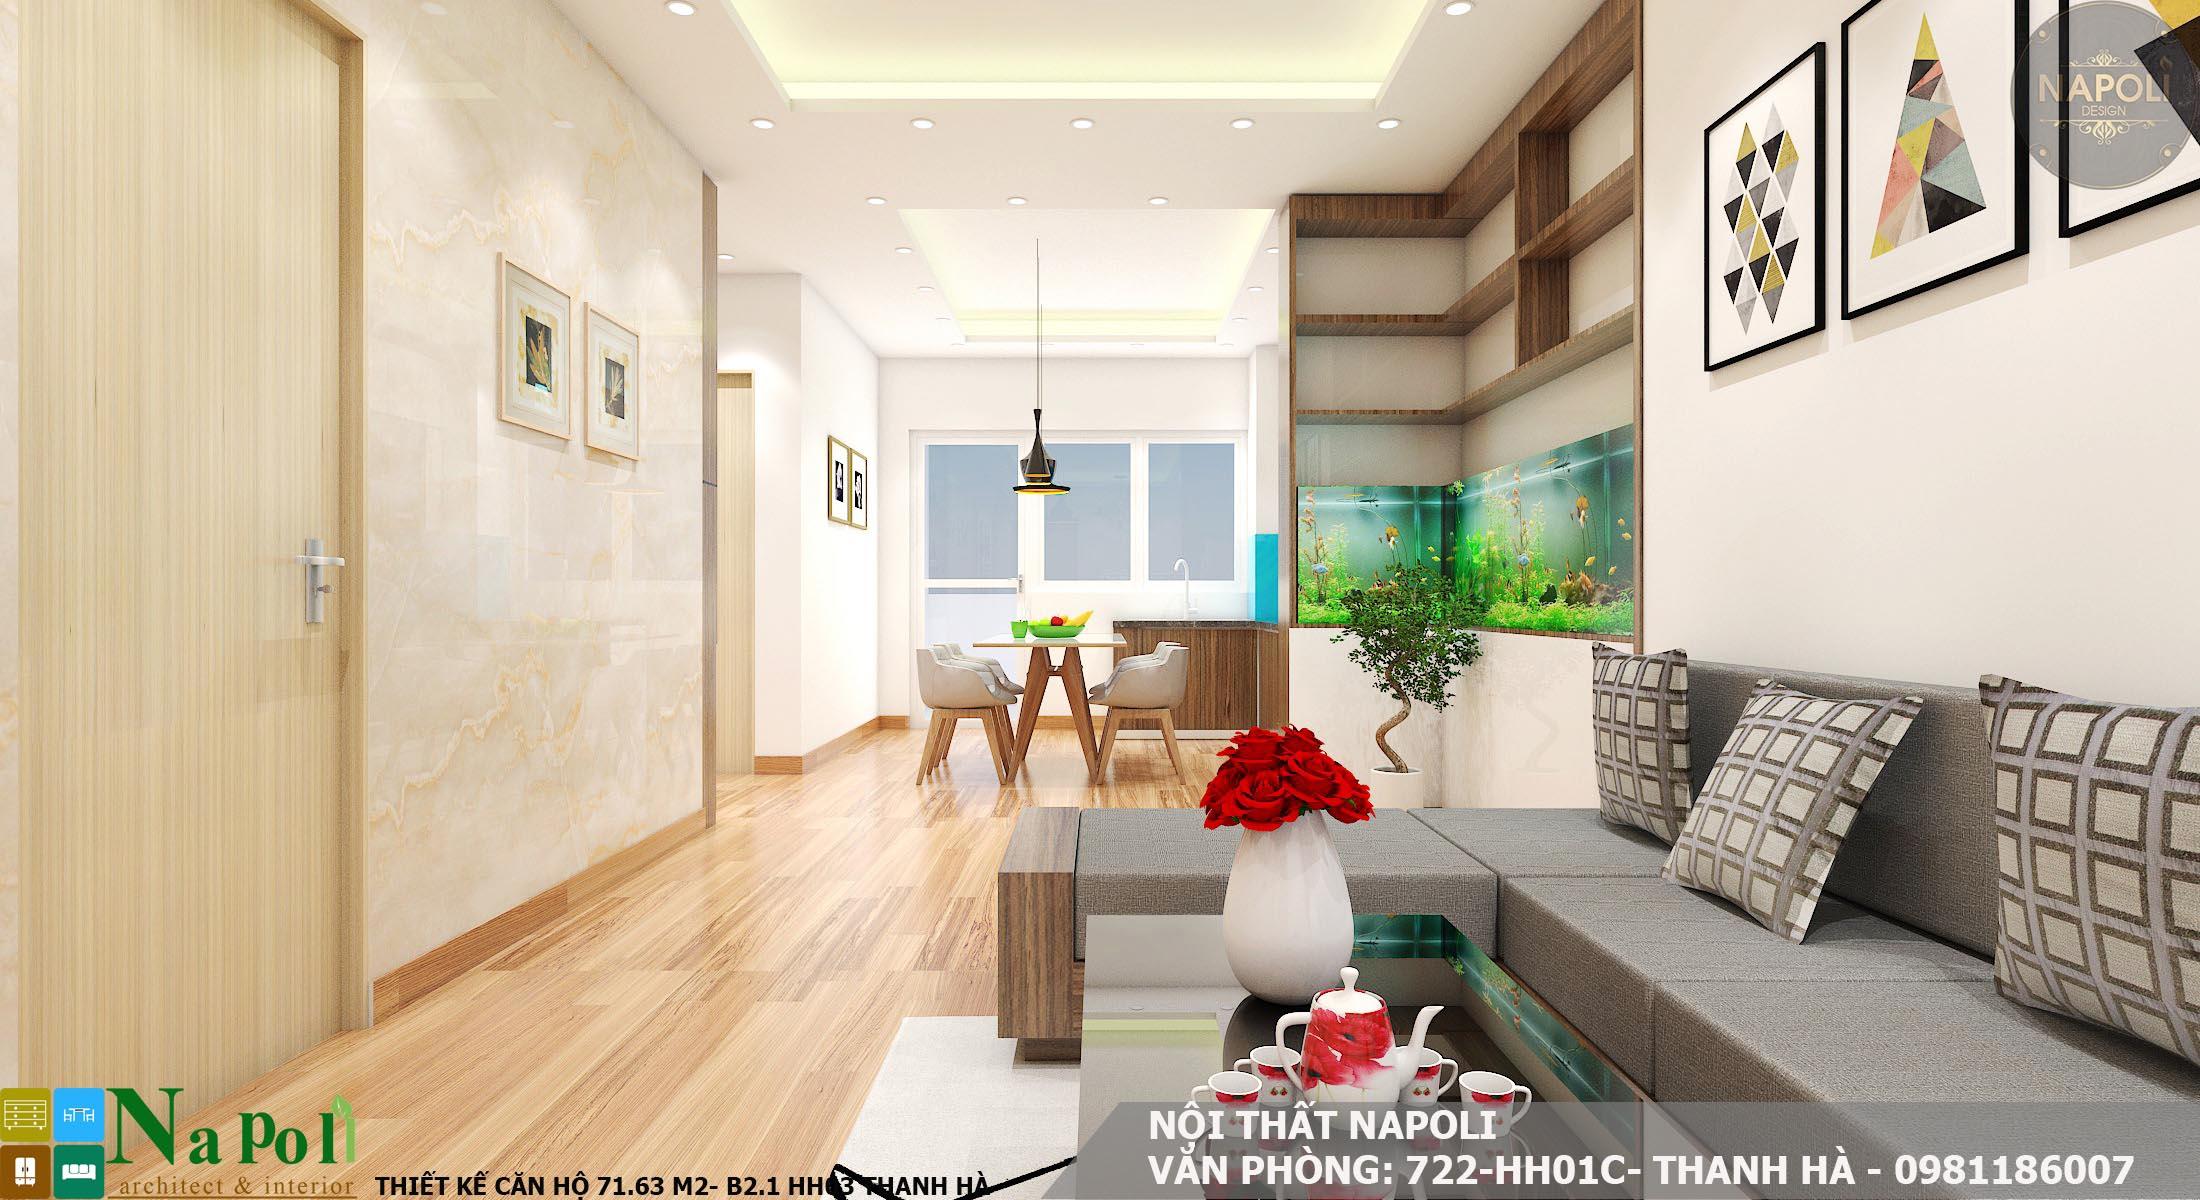 thiết kế nội thất căn hộ 71 m2- chung cư thanh hà